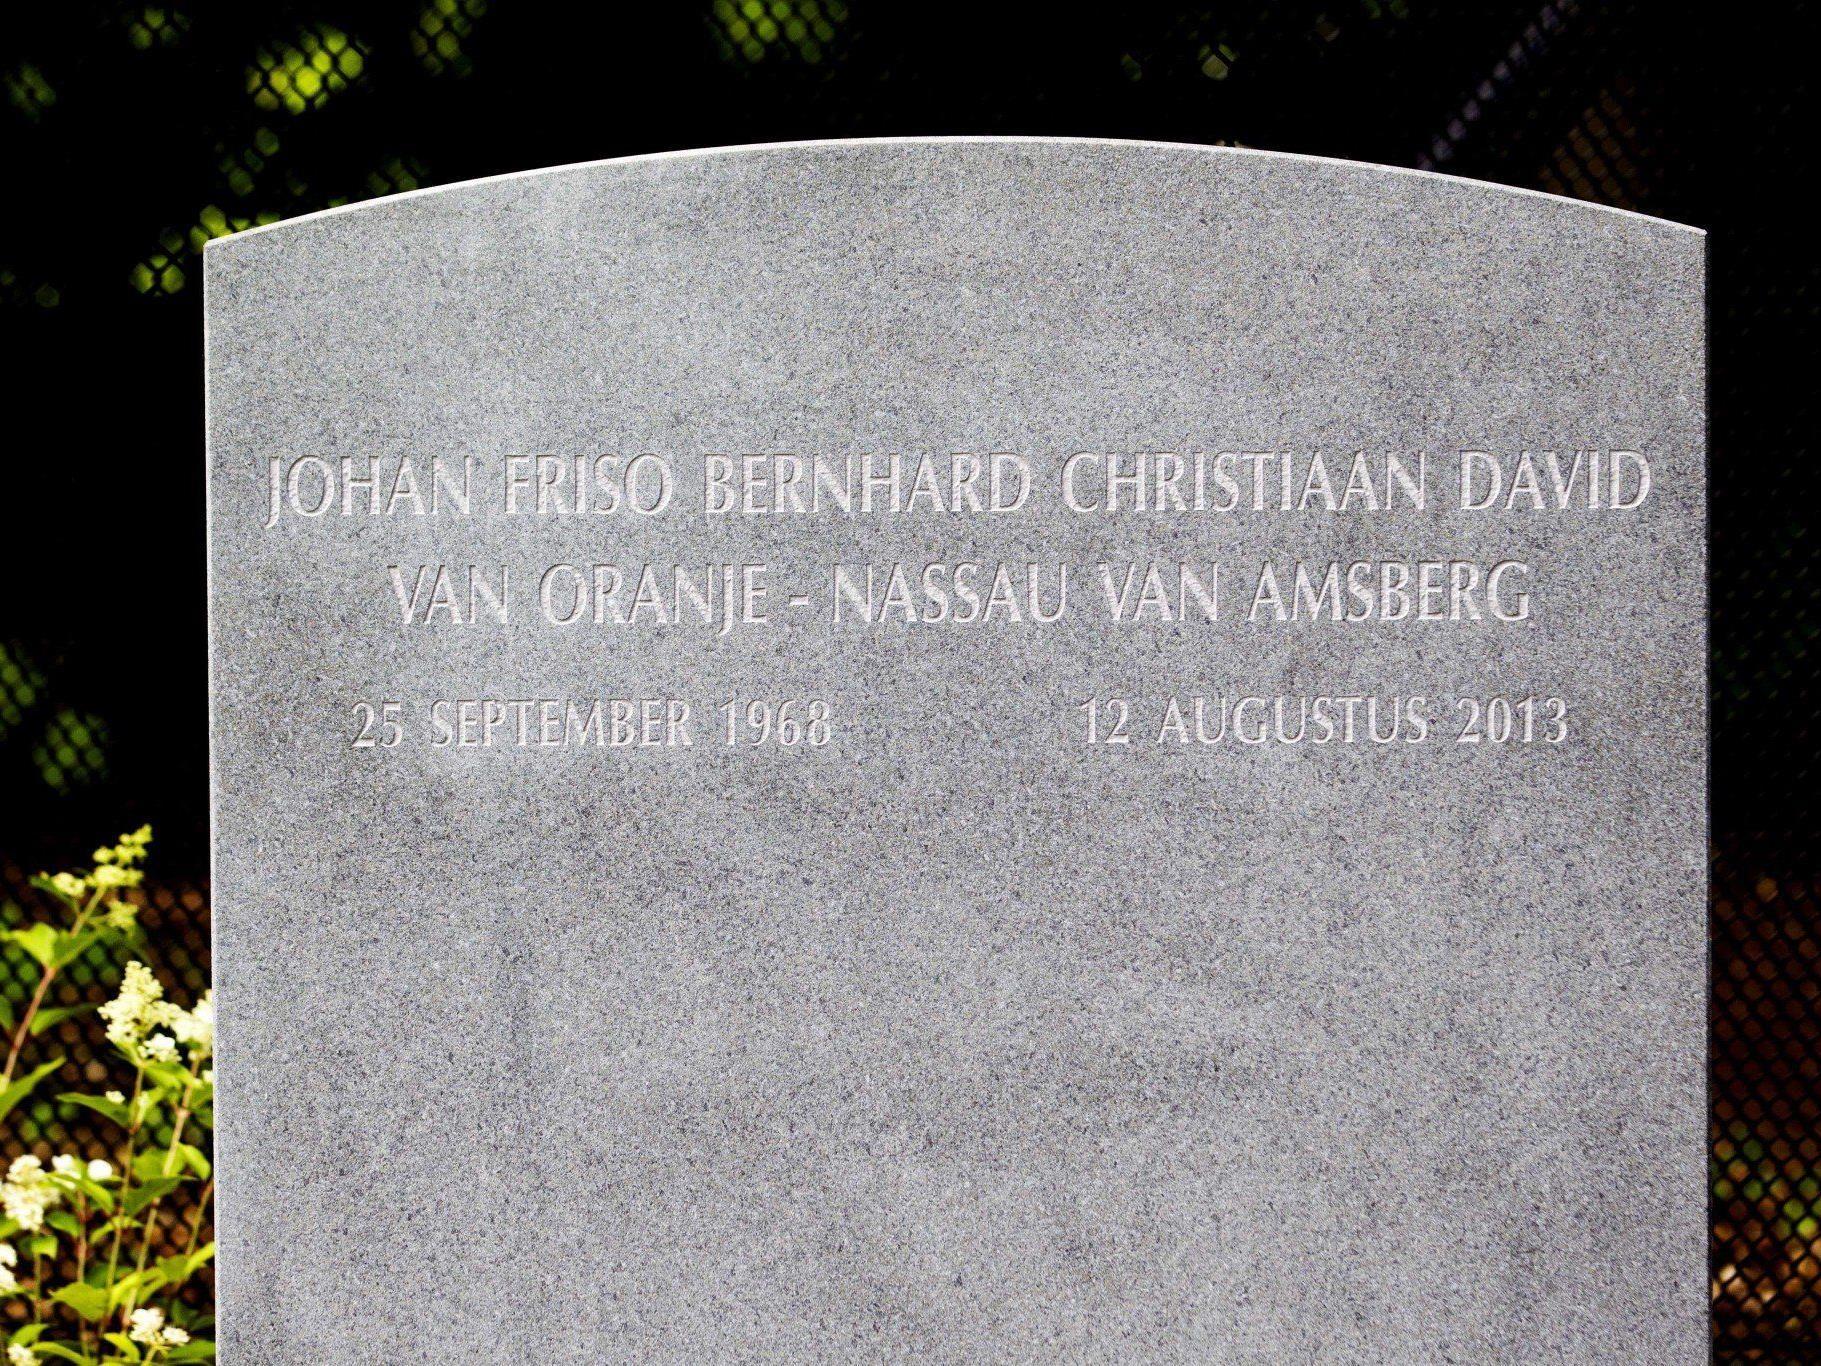 Auf dem Stein sind nur der vollständige Name des Prinzen und sein Geburts- und Todestag eingraviert.